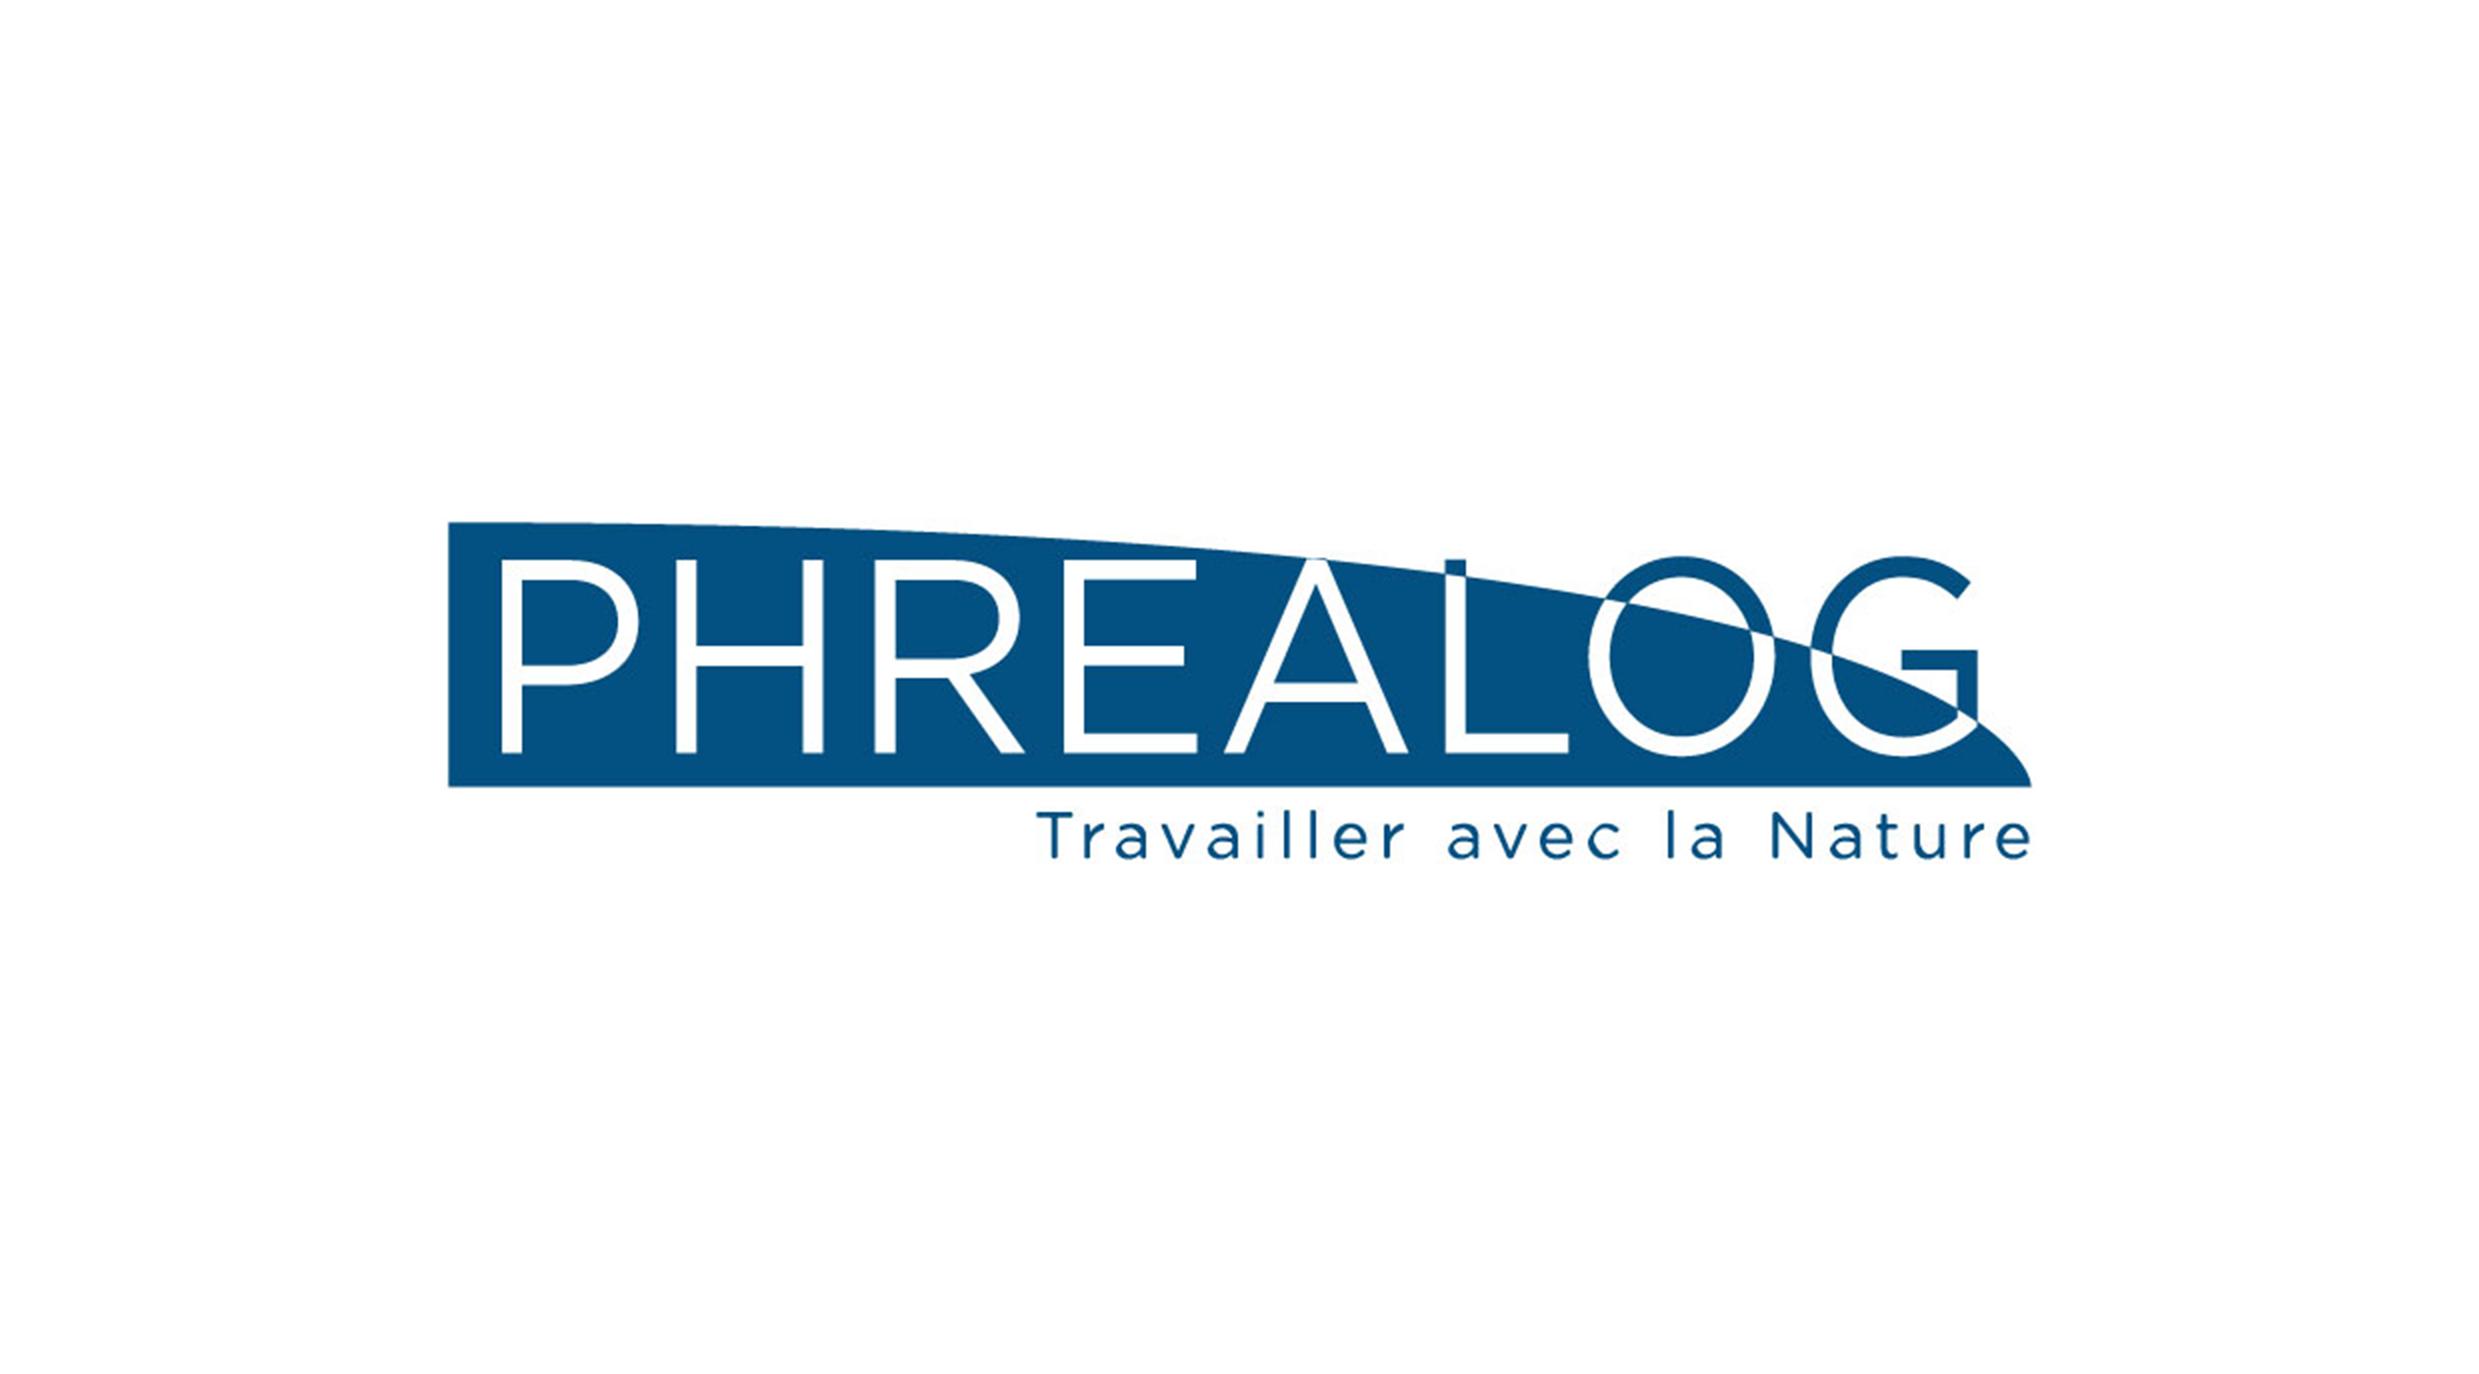 Phrealog